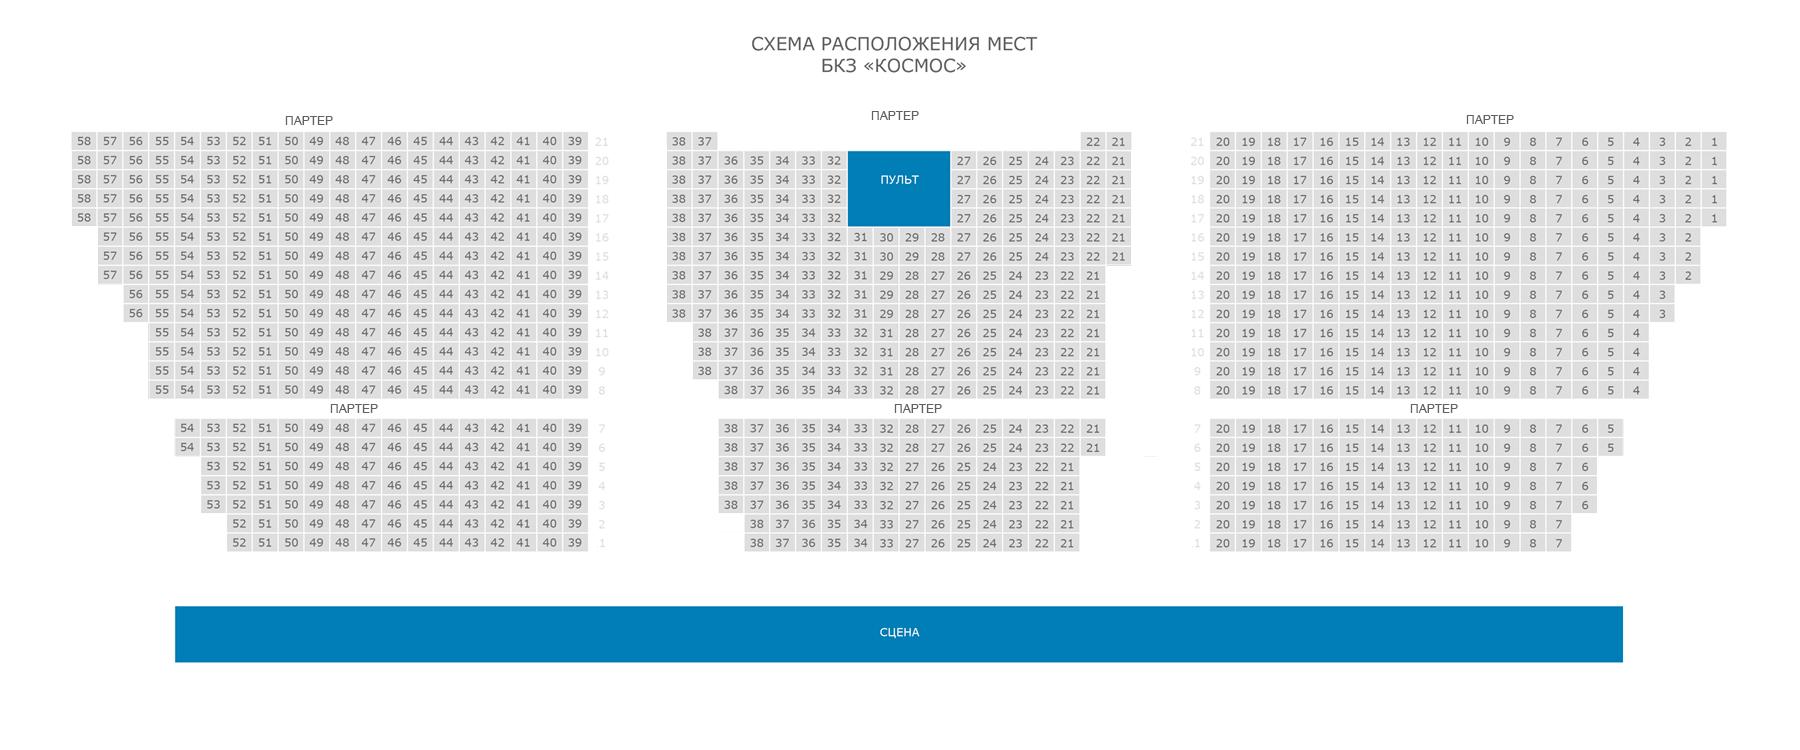 Схема зала БКЗ Космос - Афиша мероприятий - Билеты